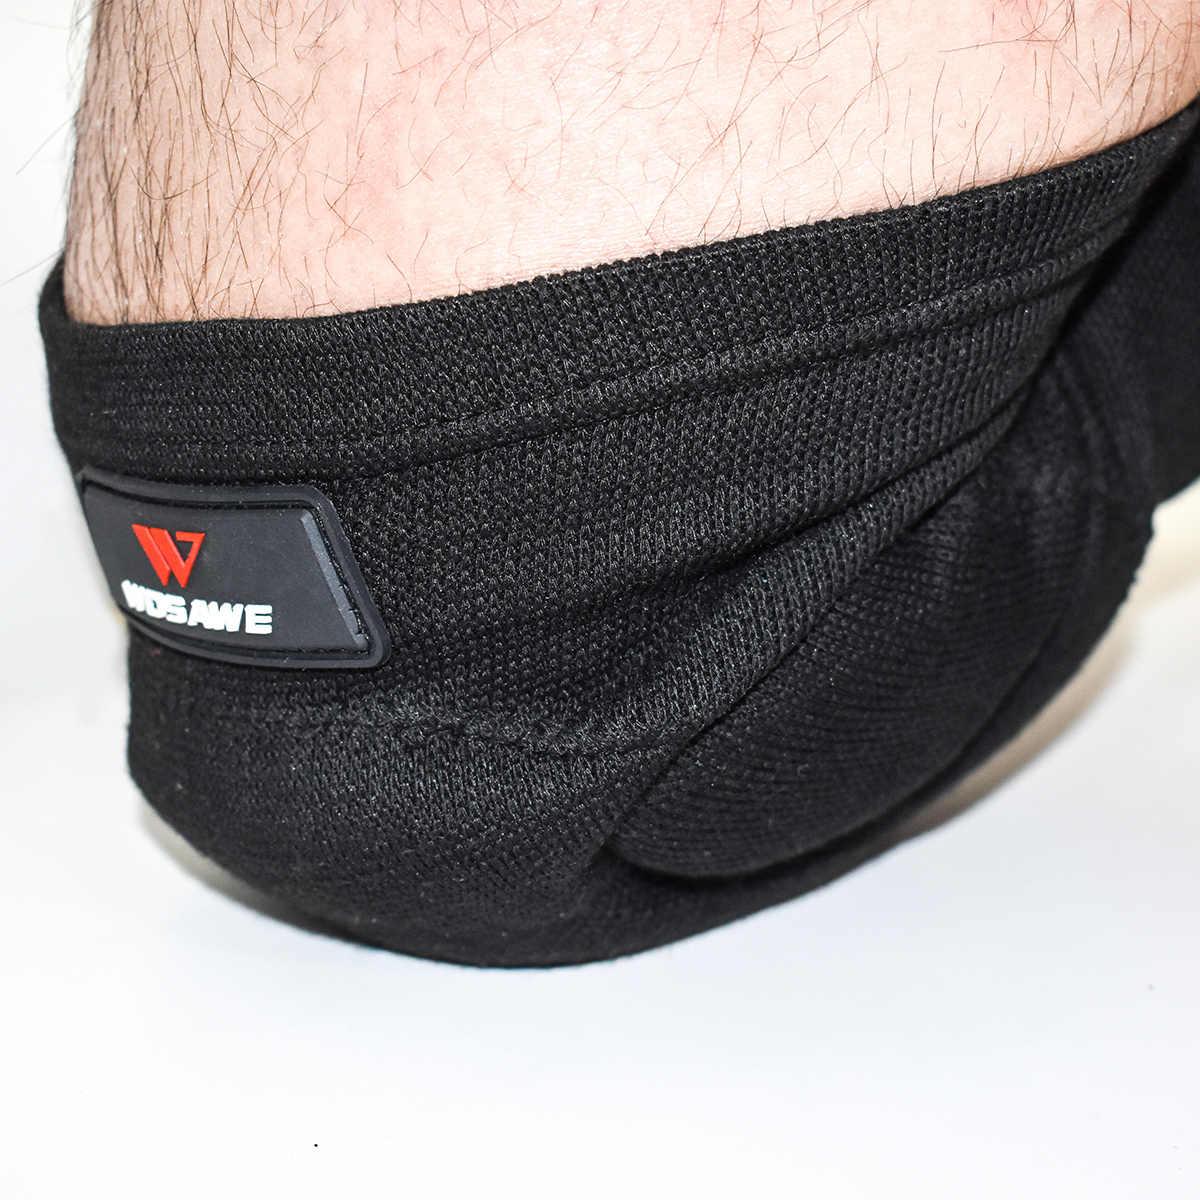 Wosawe rodilleras mtb cotovelo ao ar livre joelheiras coderas proteção mtb guarda protetor ciclismo vôlei suporte de joelho cinta